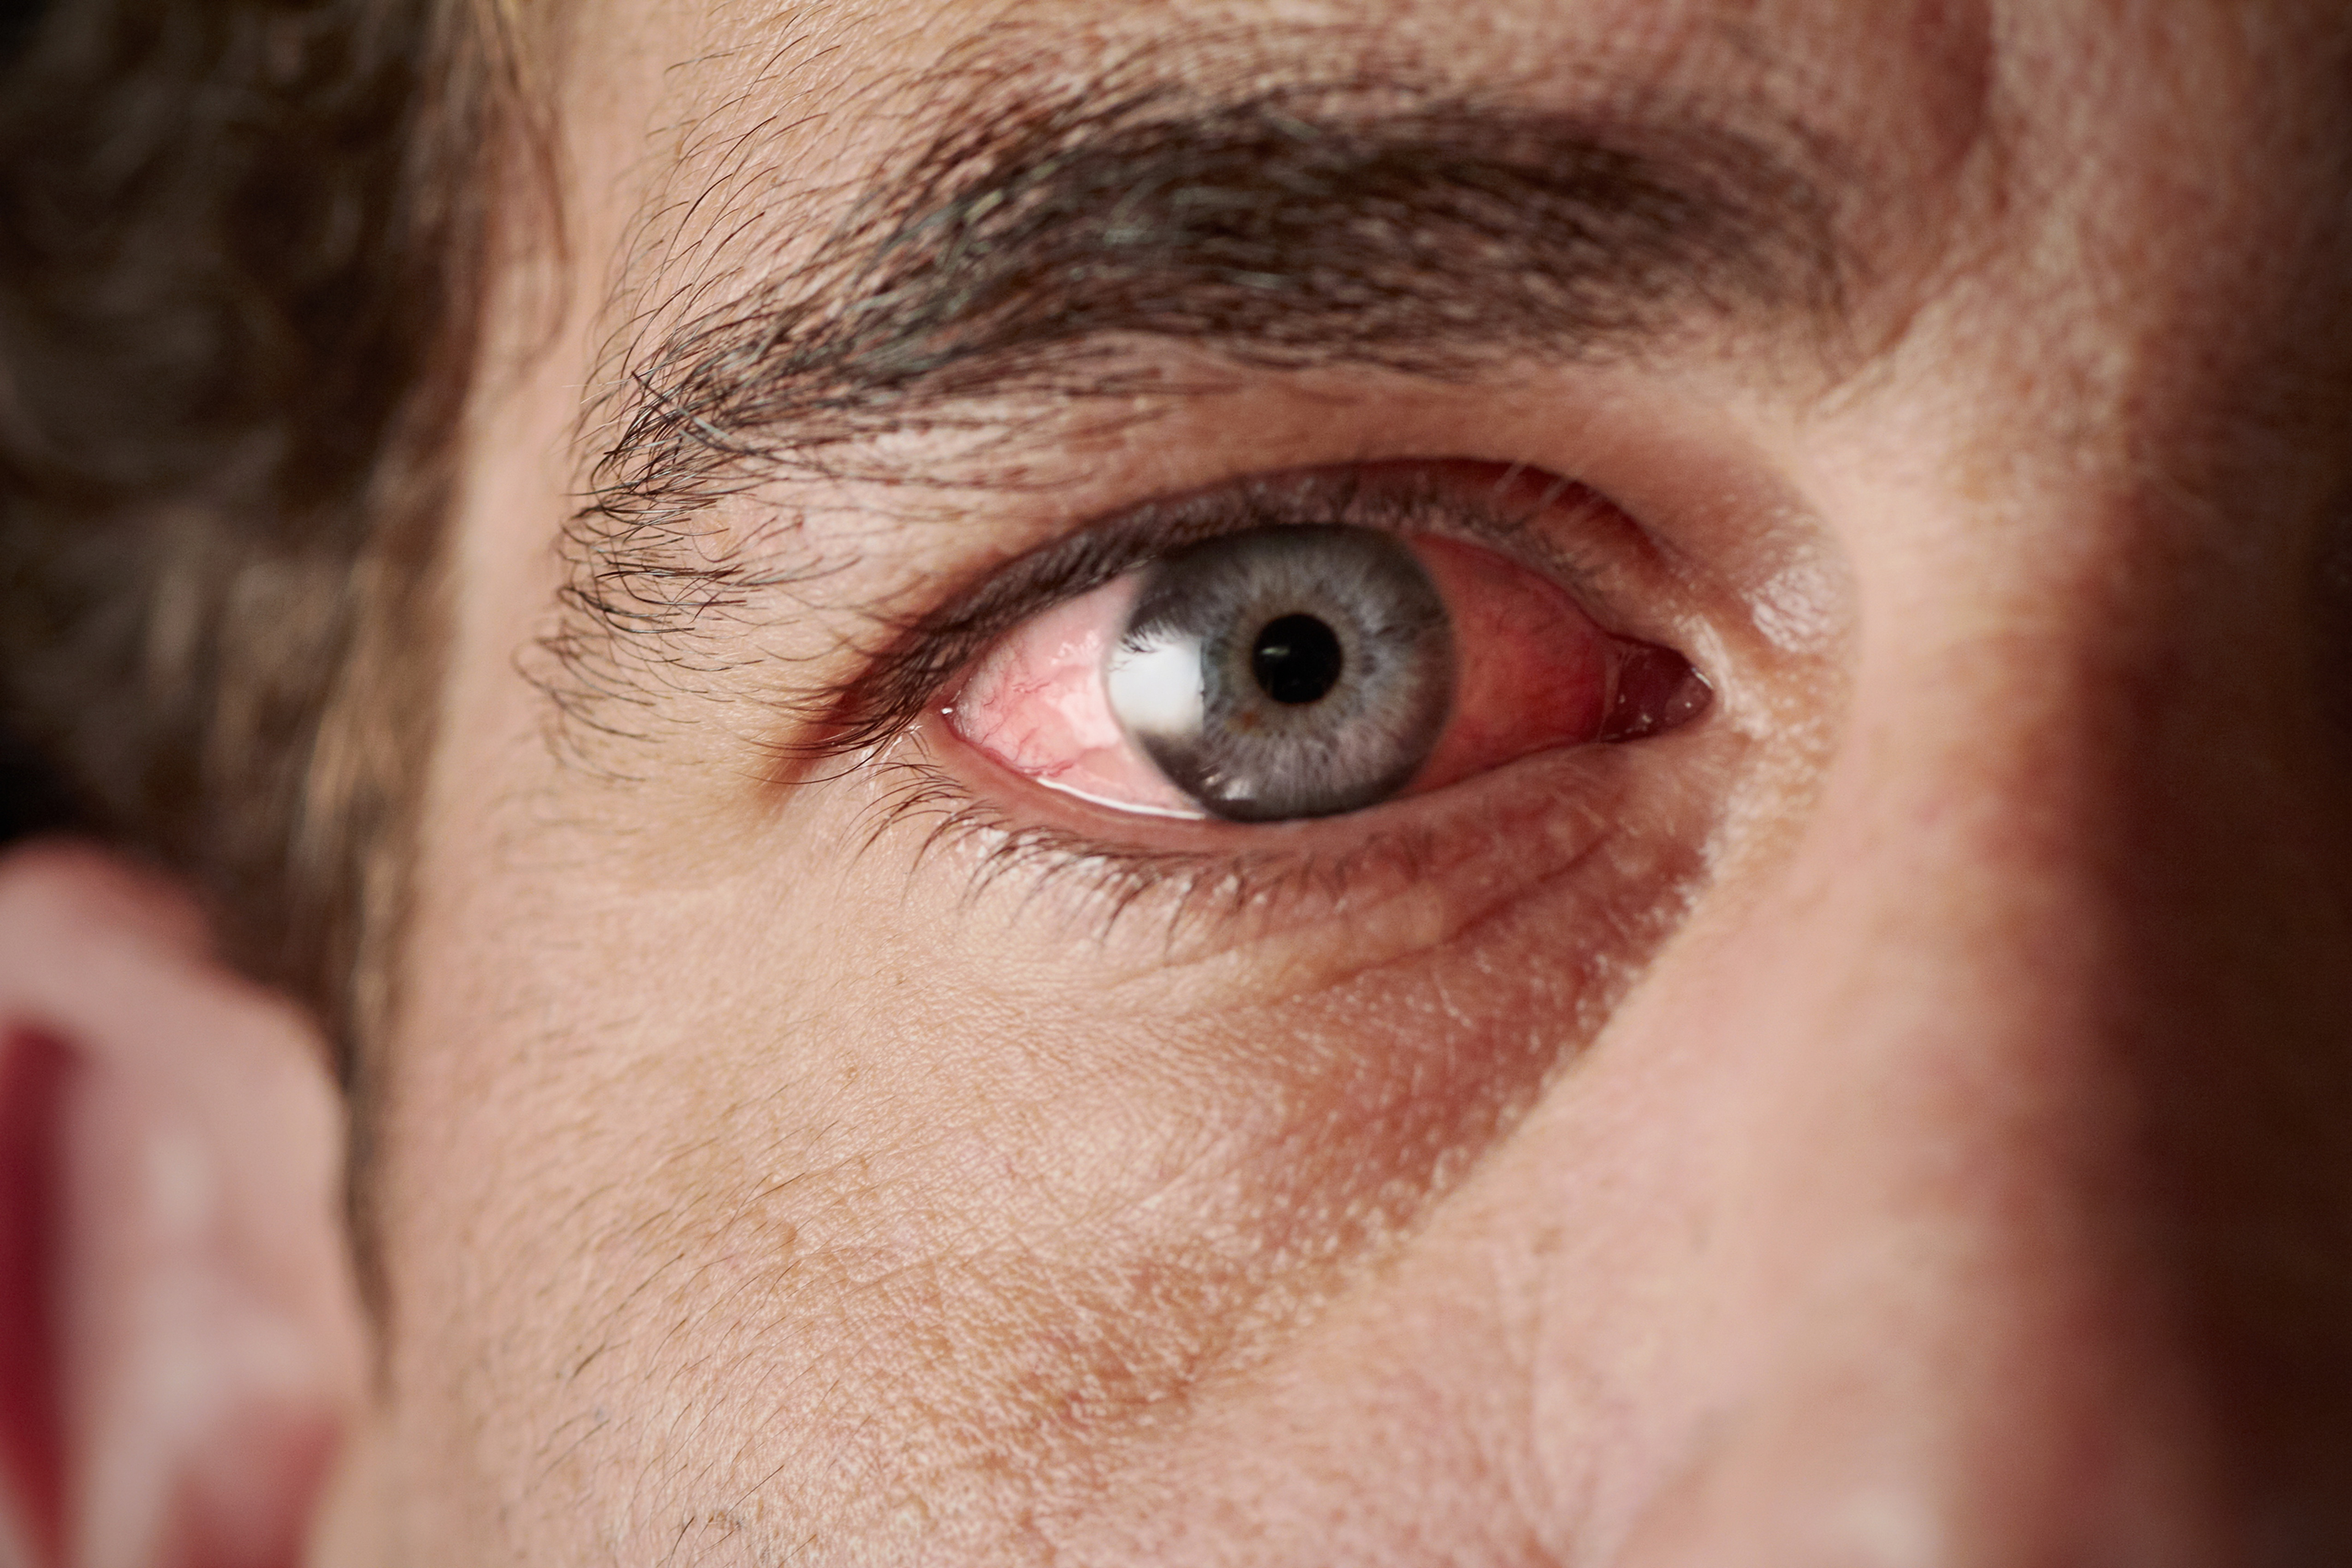 egy vörös folt jelent meg a szemhéjon, lehámozódott